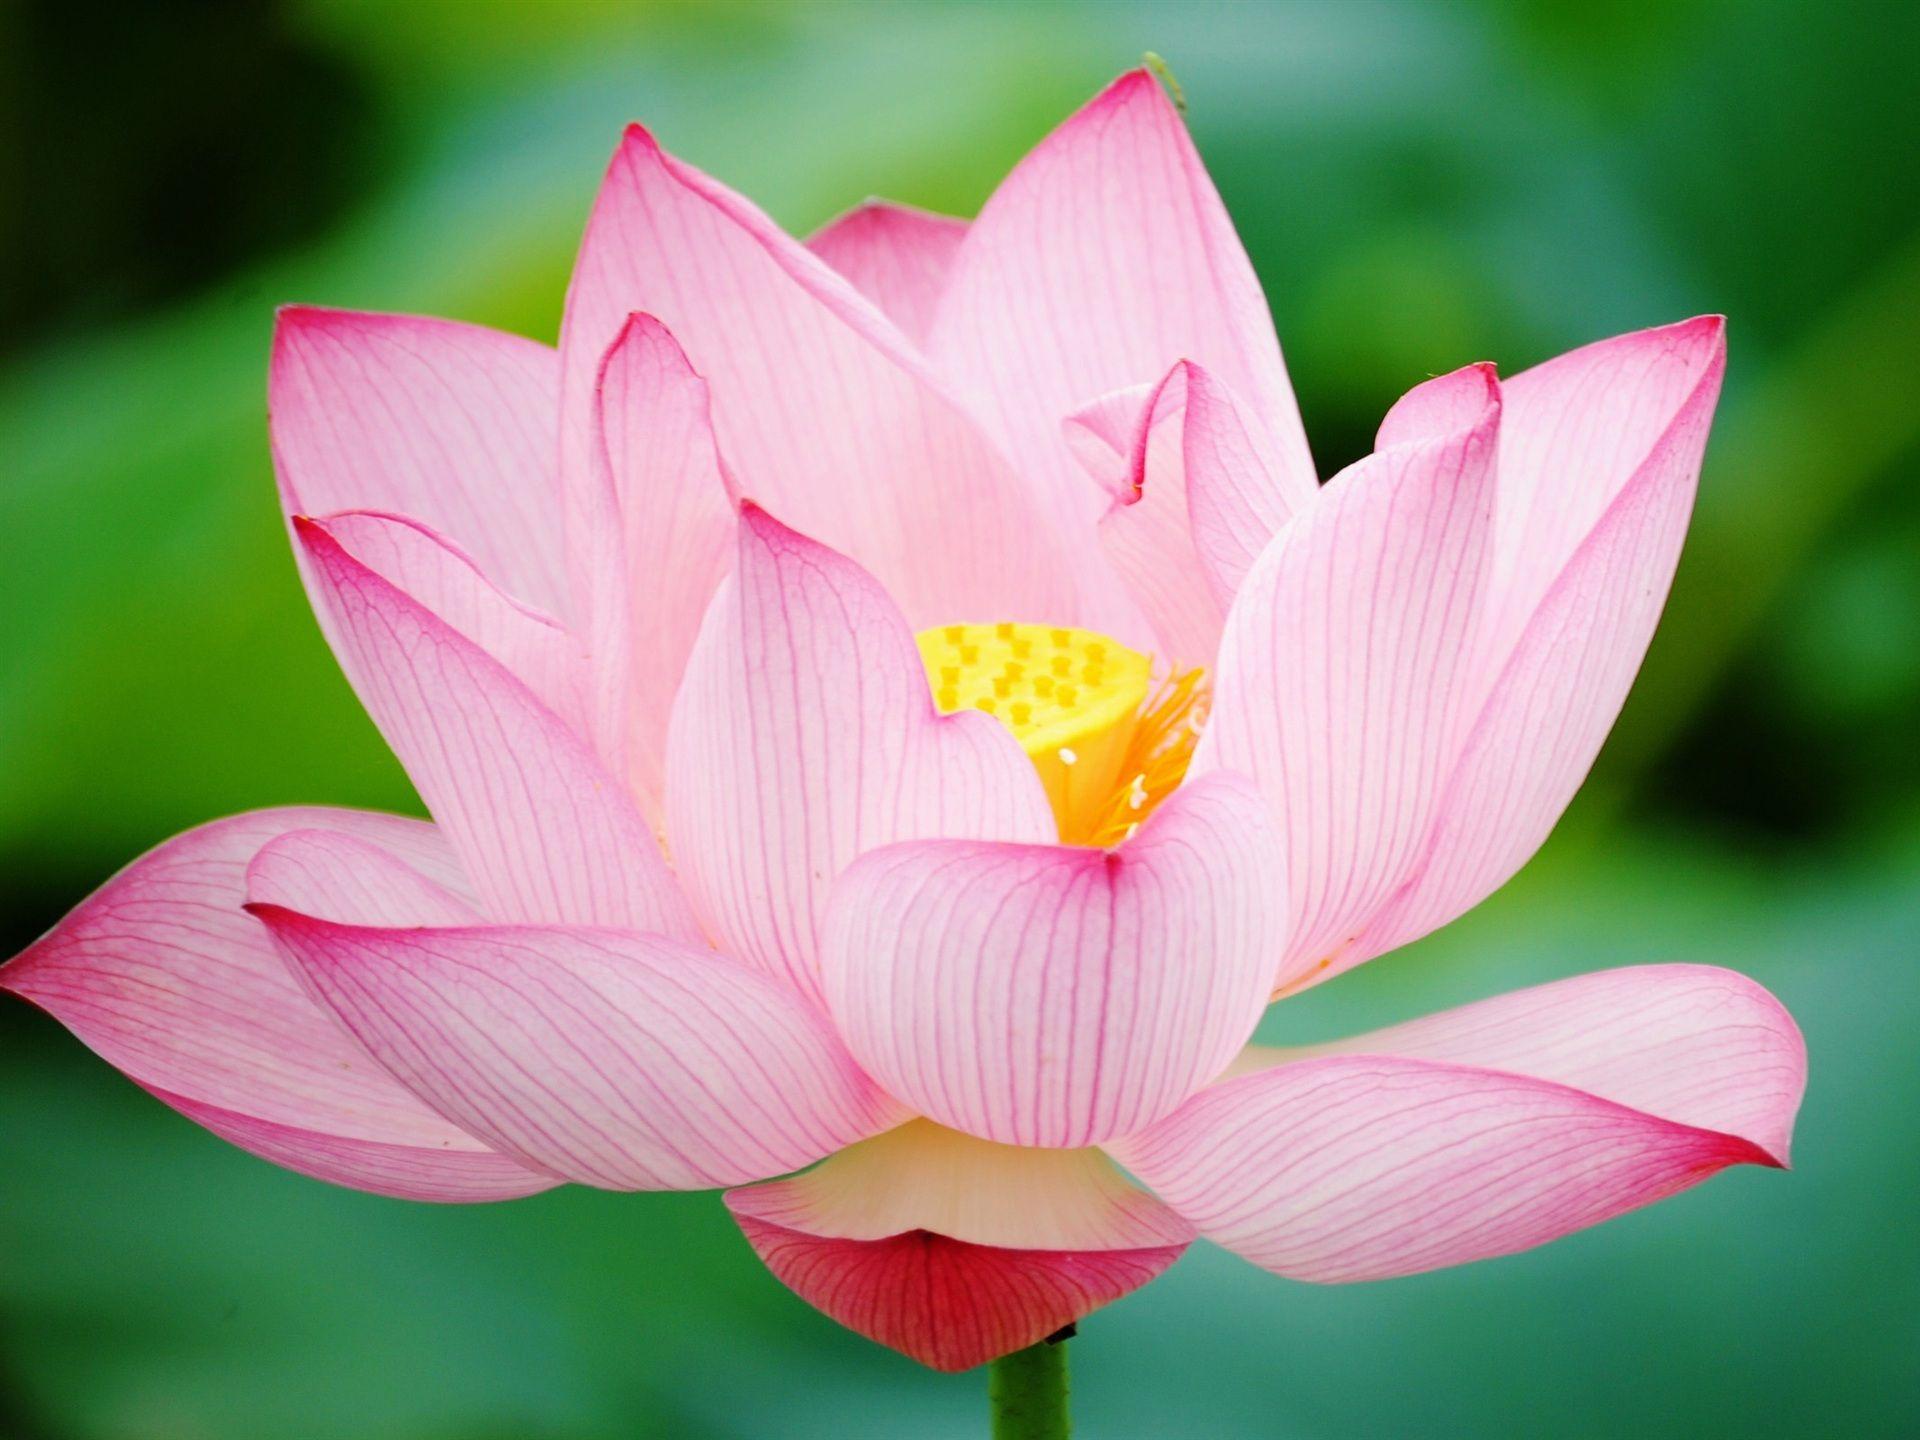 цивилизация фото цветка розовый лотос хорошо